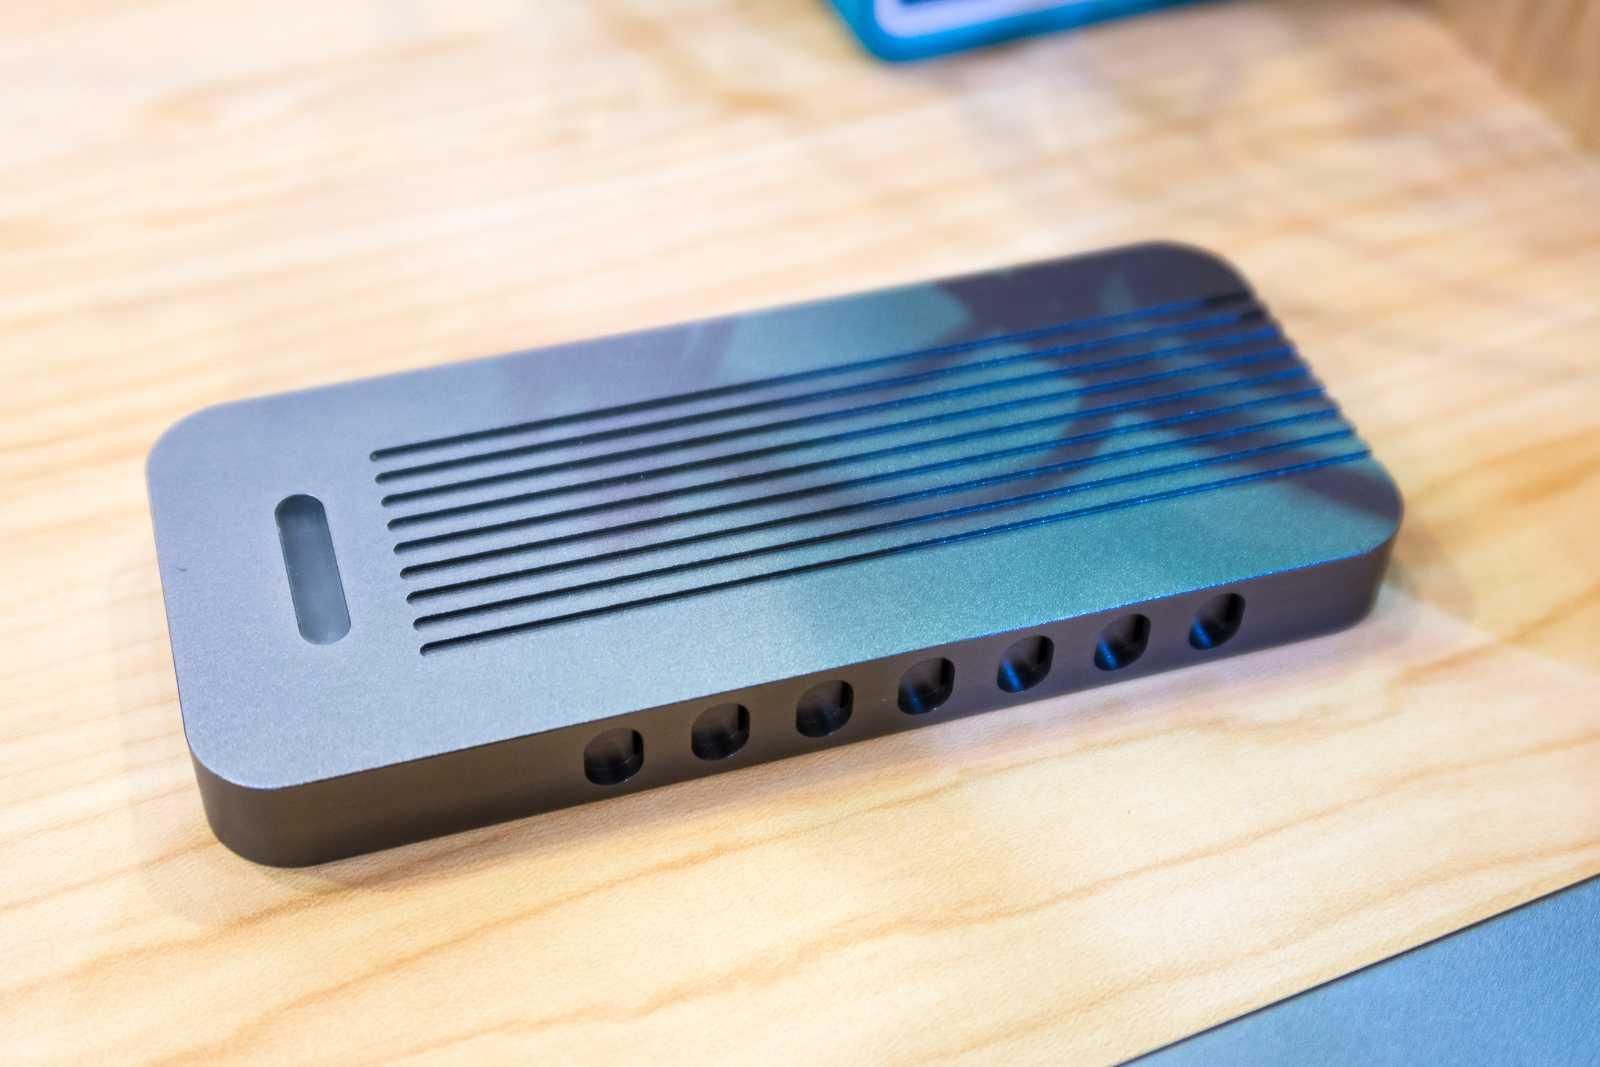 USB-Gehäuse für M.2-SSDs mit PCIe-Interface: Das Silverstione MS11 bindet schnelle SSDs an den USB-Port.